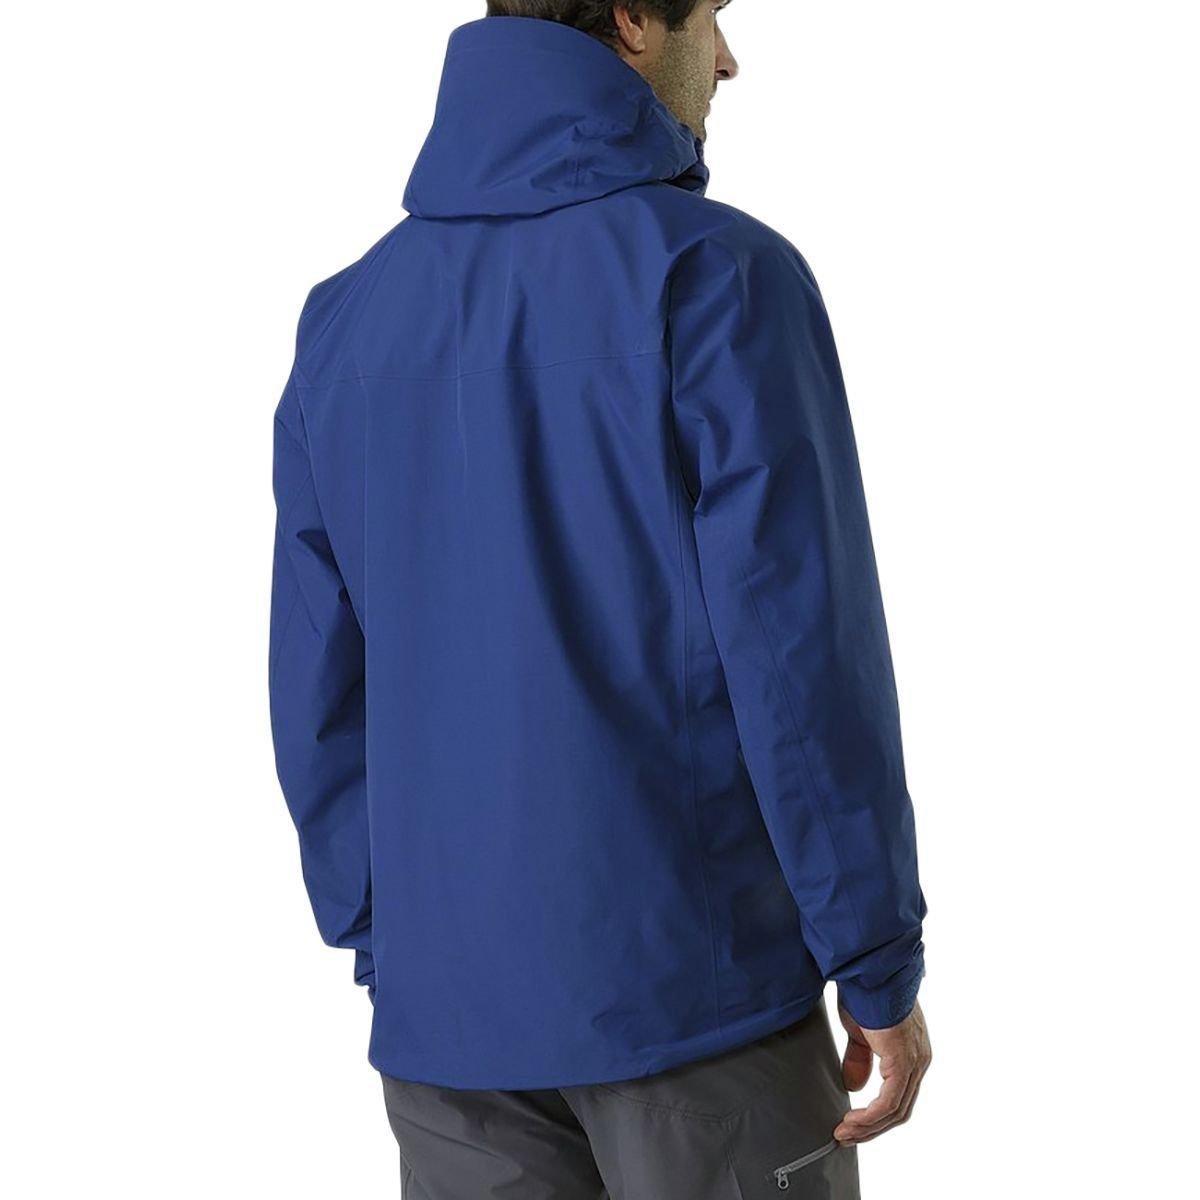 ◆正規品◆新品未使用◆アークテリクス アルファSL ジャケット メンズ M(L) ゴアテックス マウンテンパーカー ブルー 軽量◆定価46440円_画像8